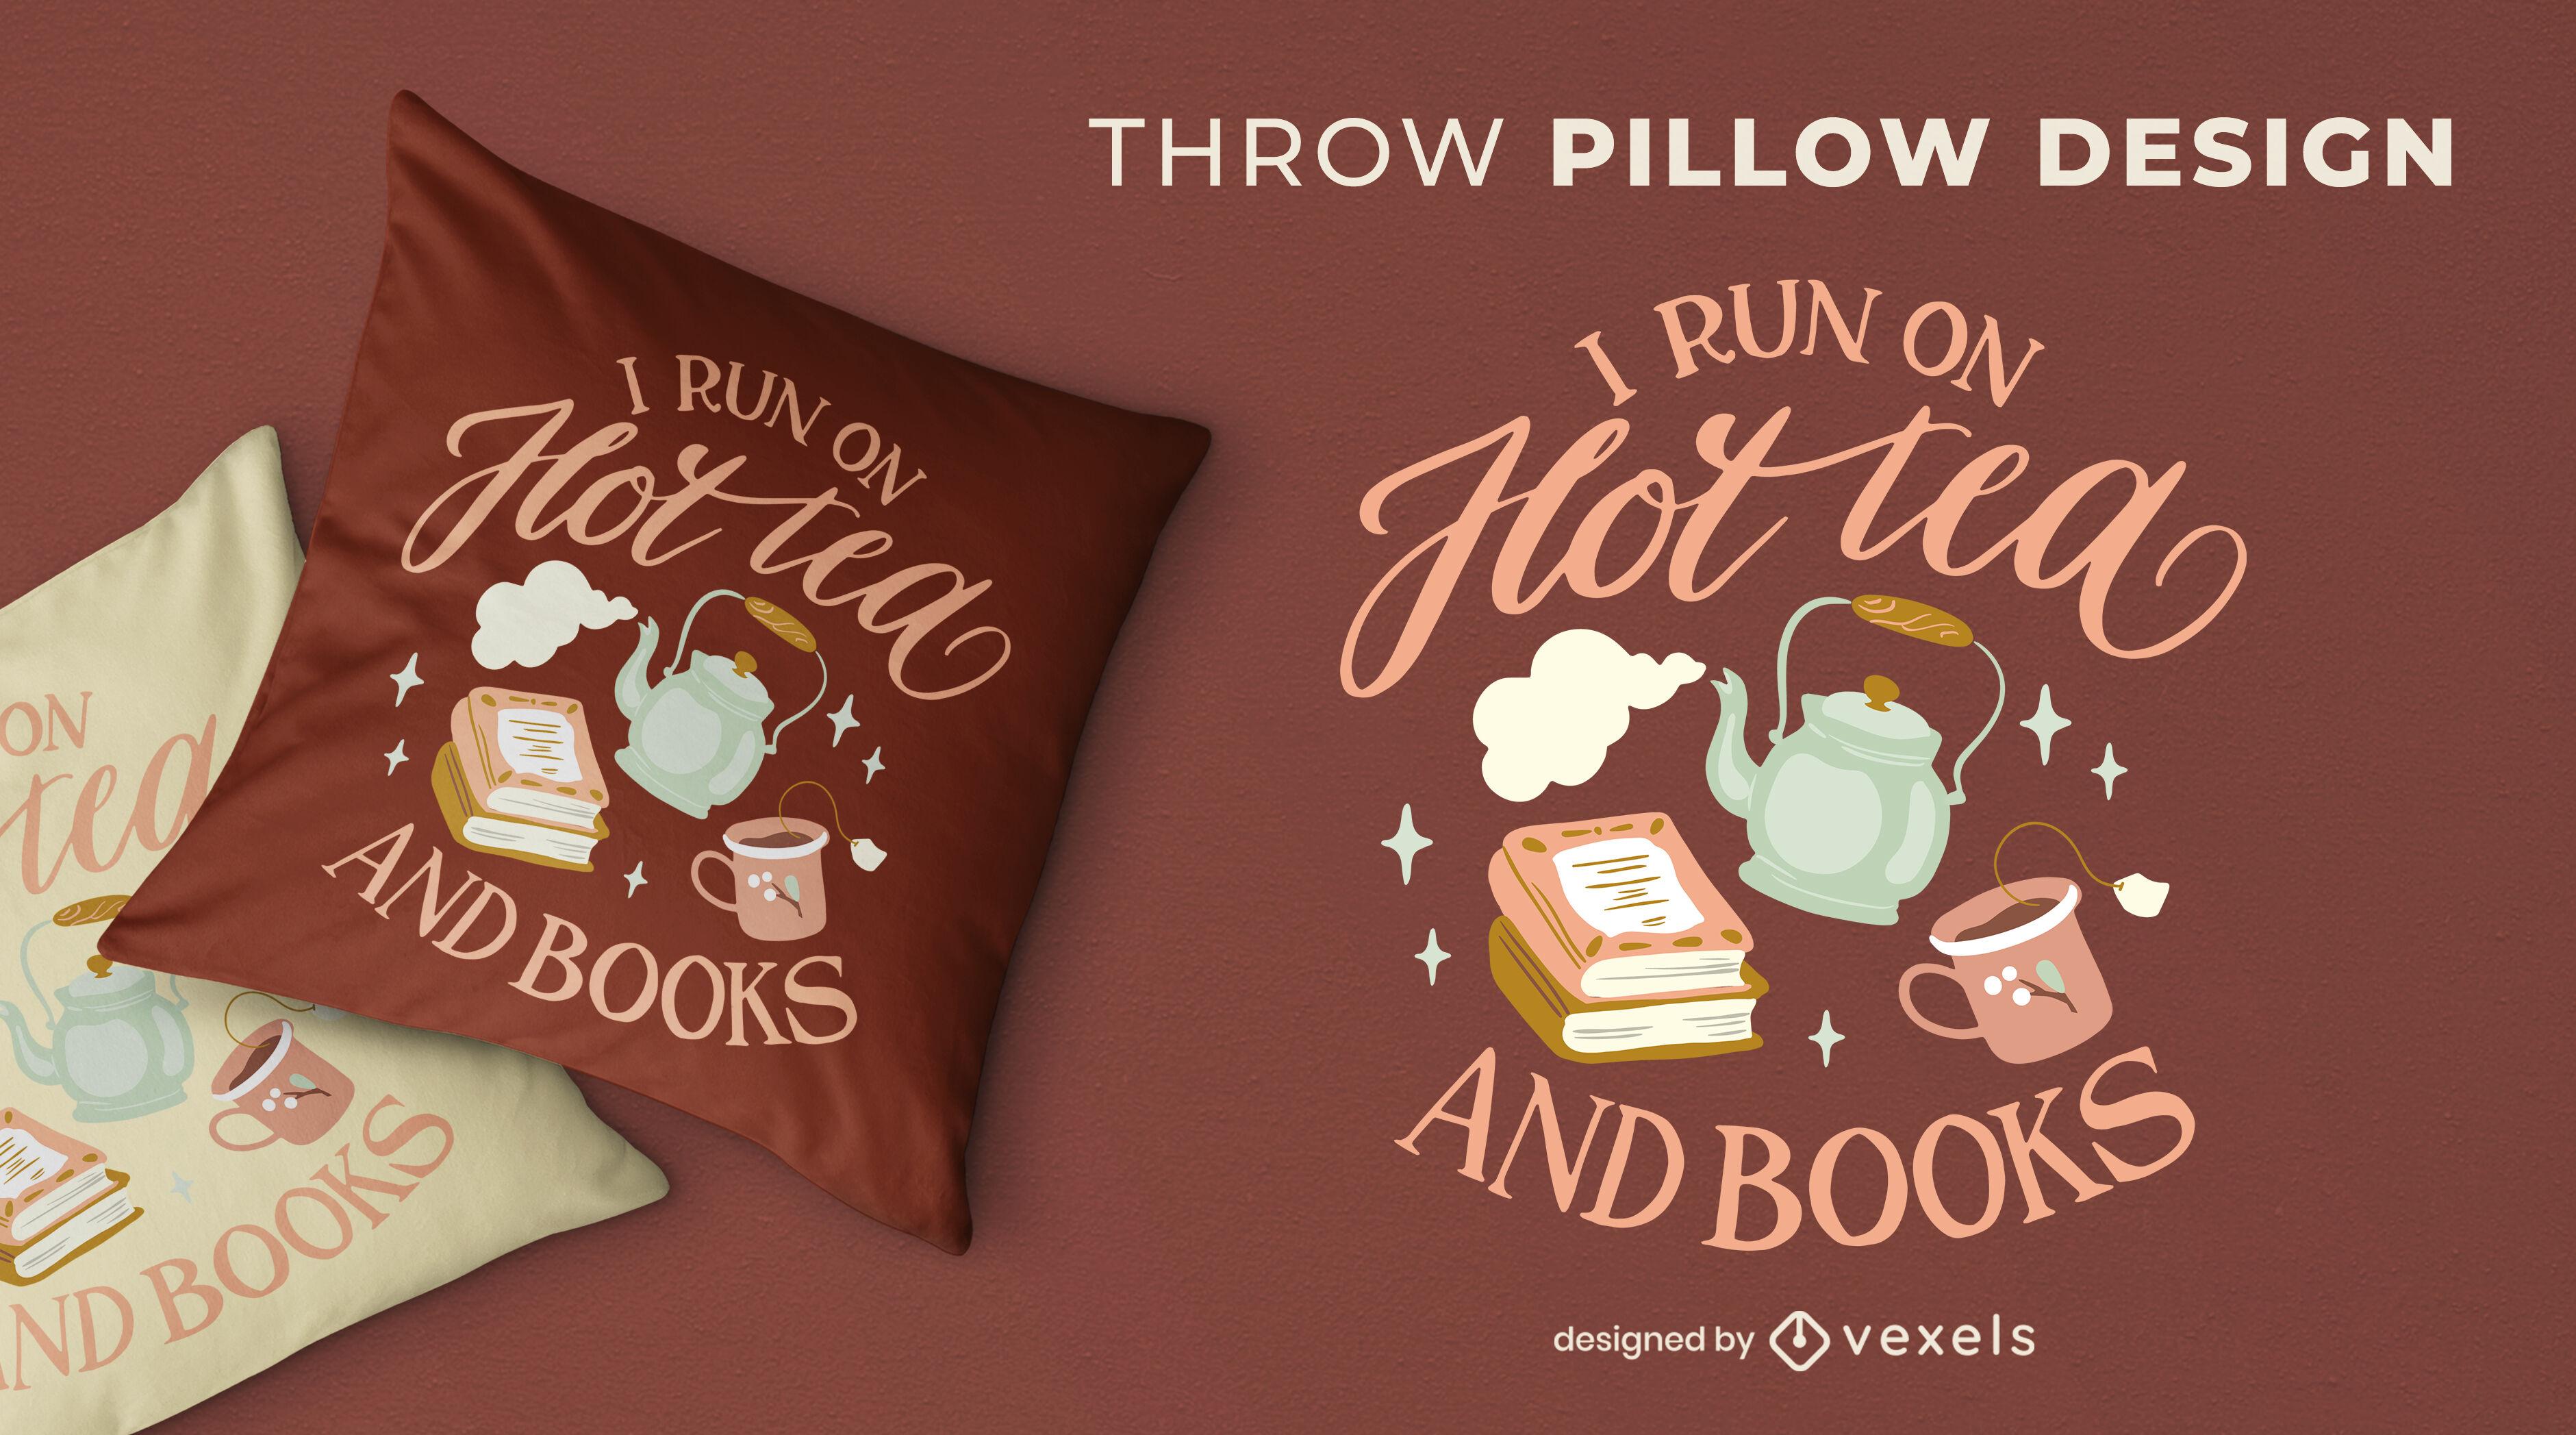 Acogedor t? de invierno y libros con dise?o de almohada.